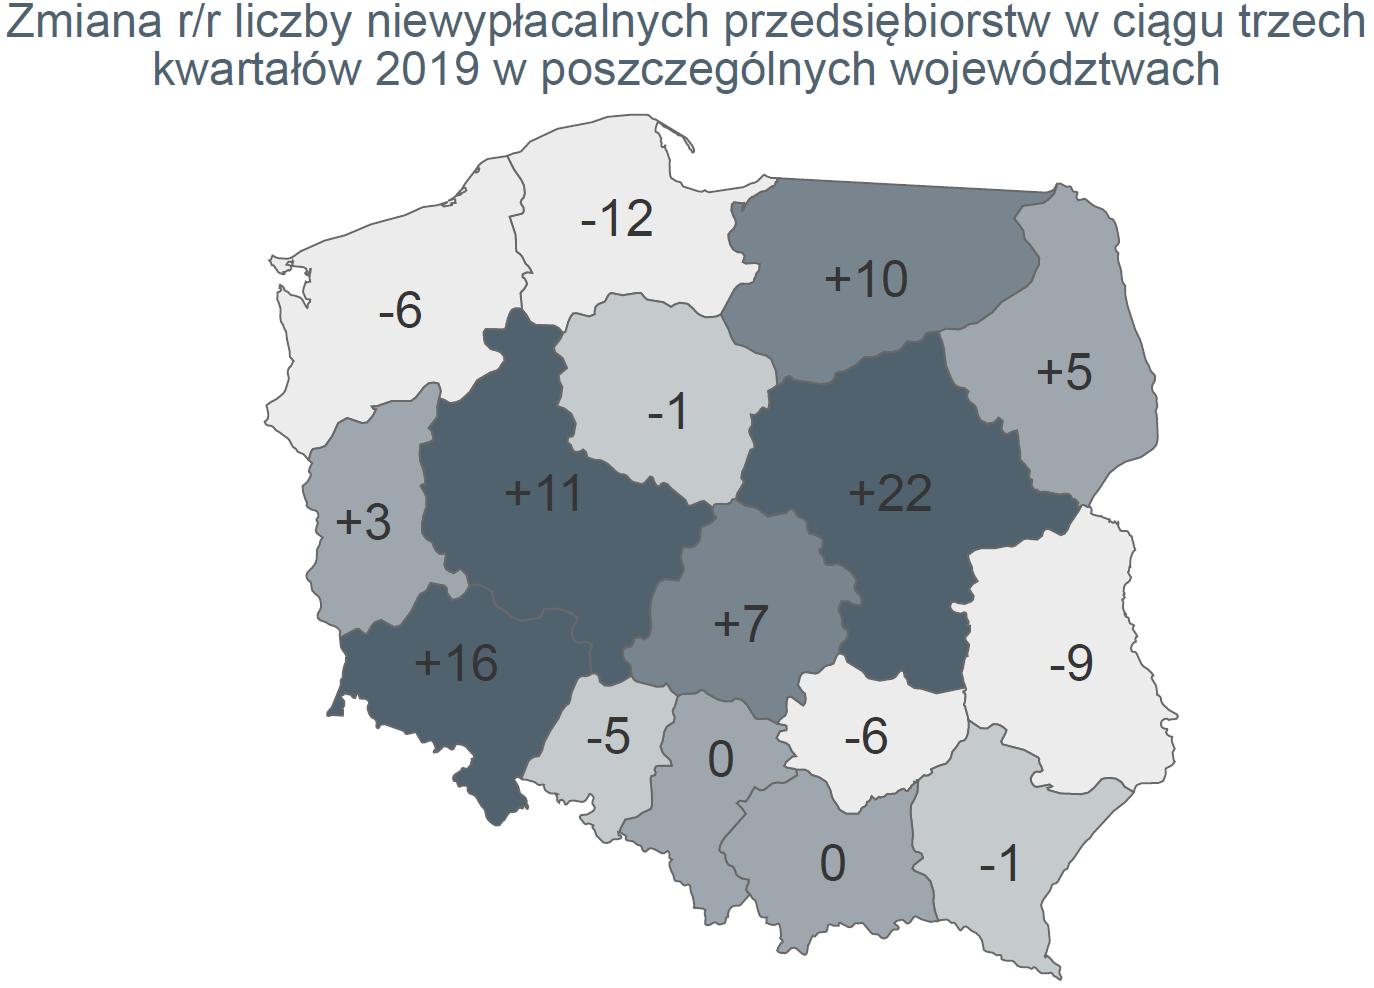 niewypłacalności firm w Polsce w ciągu trzech kwartałów – regiony